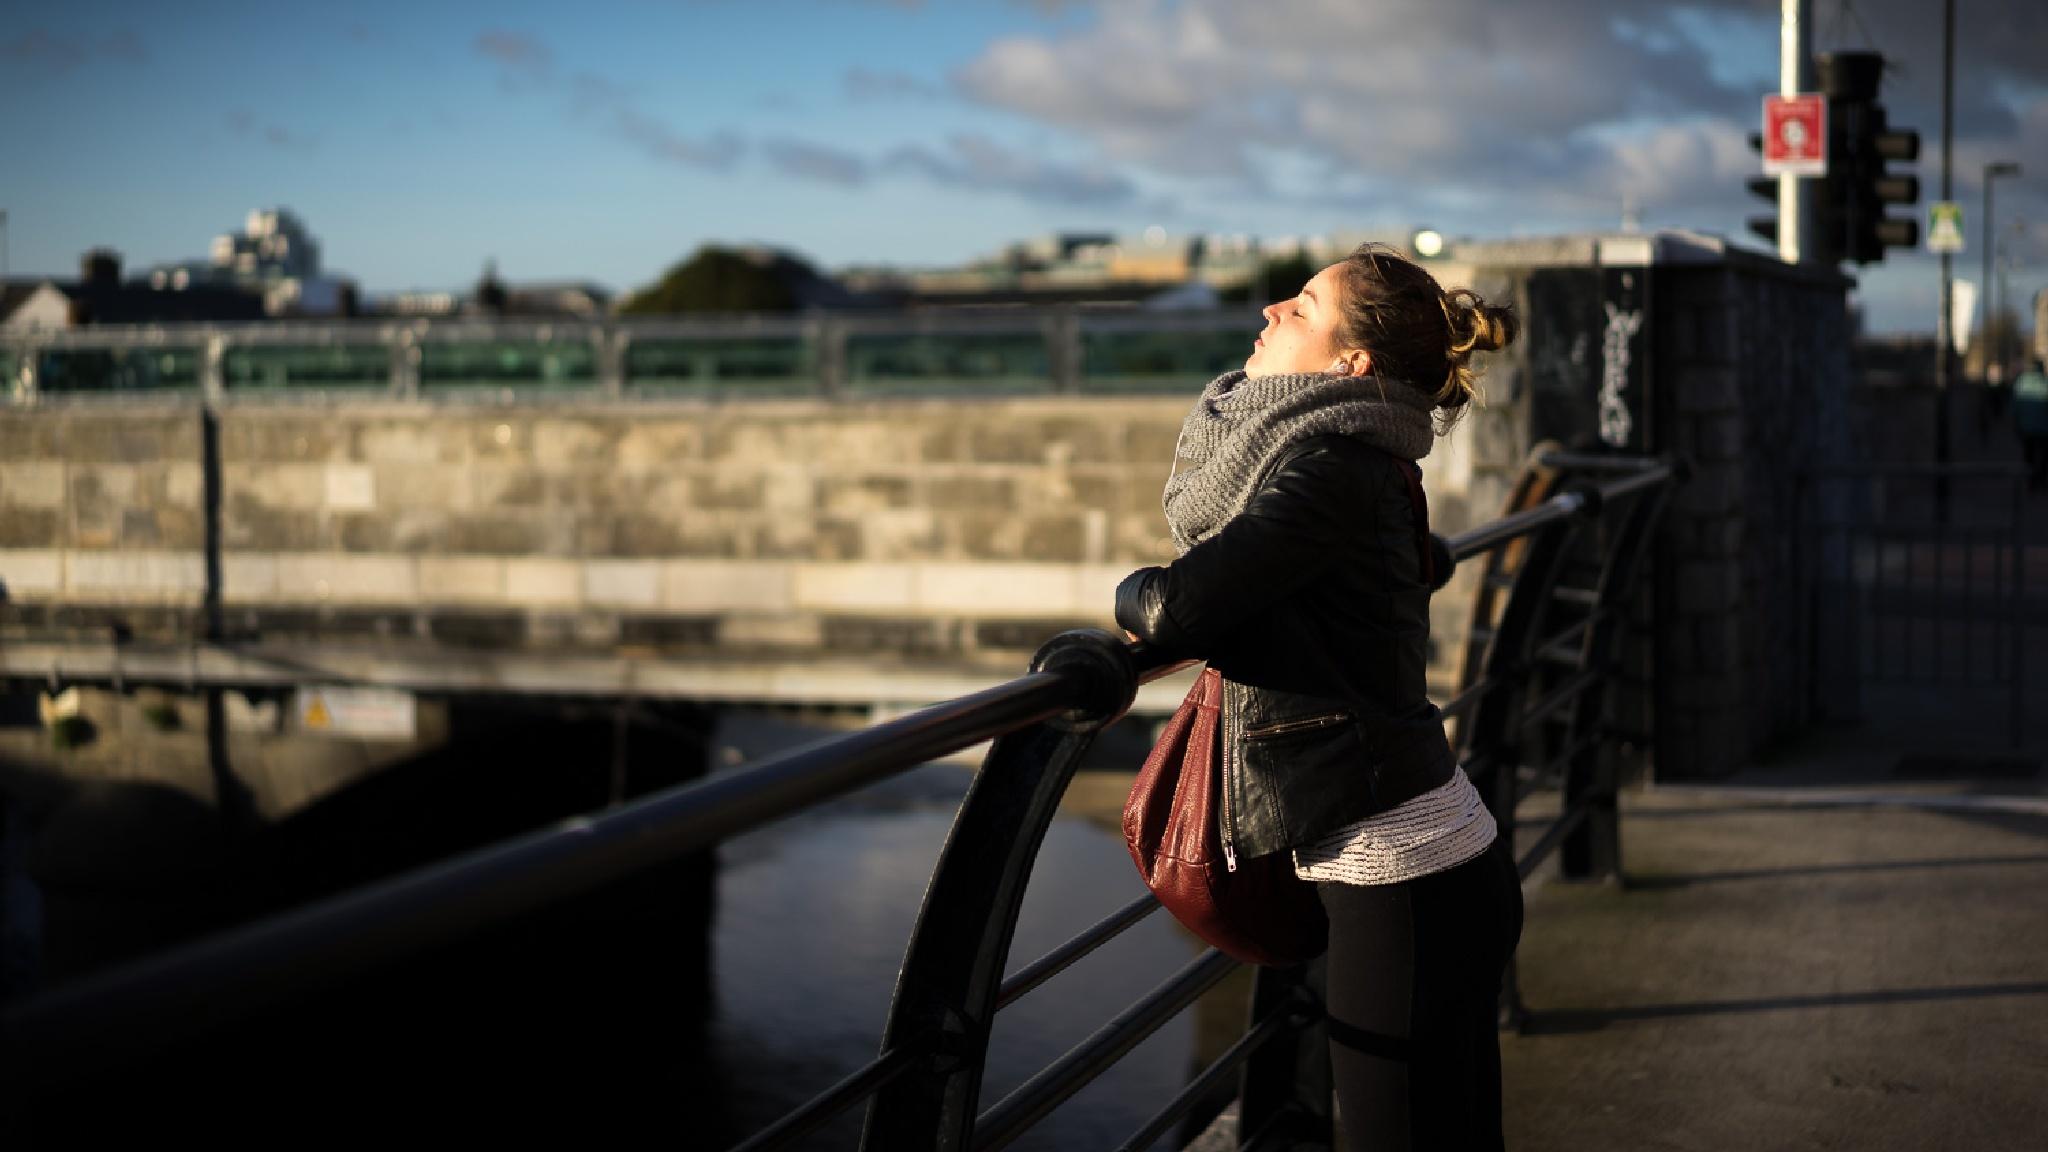 Life - Dublin, Ireland - Color street photography by Giuseppe Milo